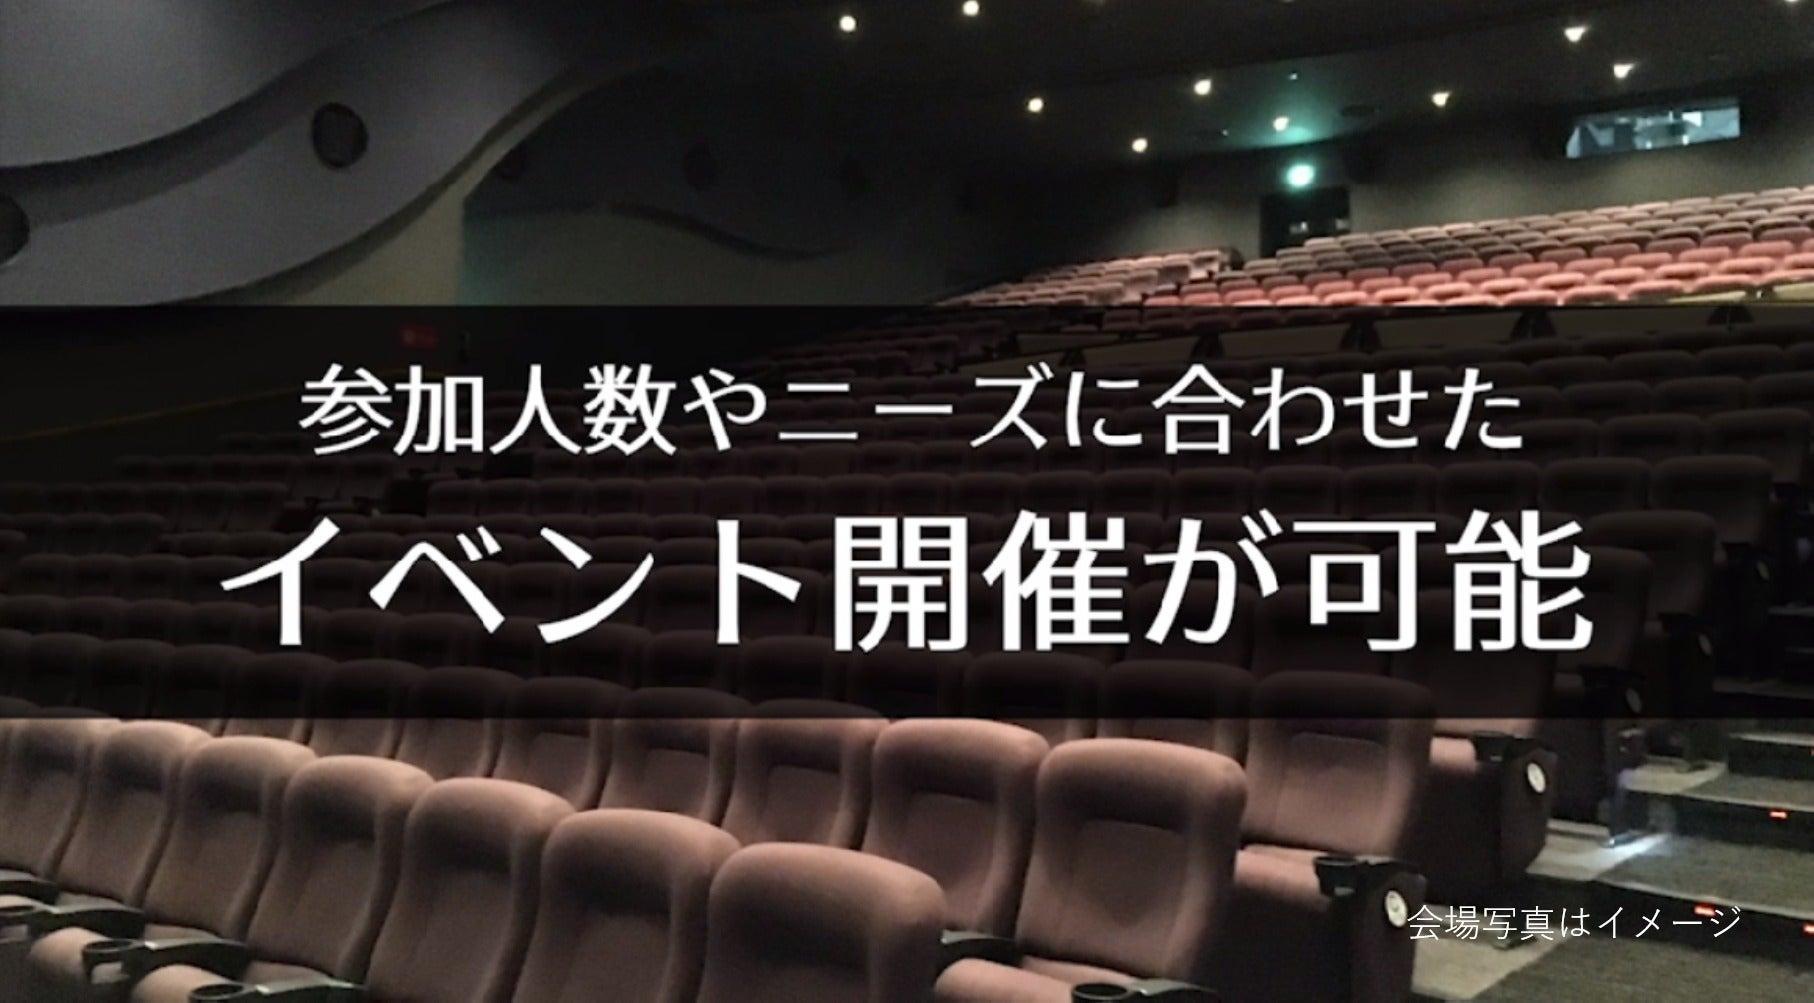 【平塚 375席】映画館で、会社説明会、株主総会、講演会の企画はいかがですか?